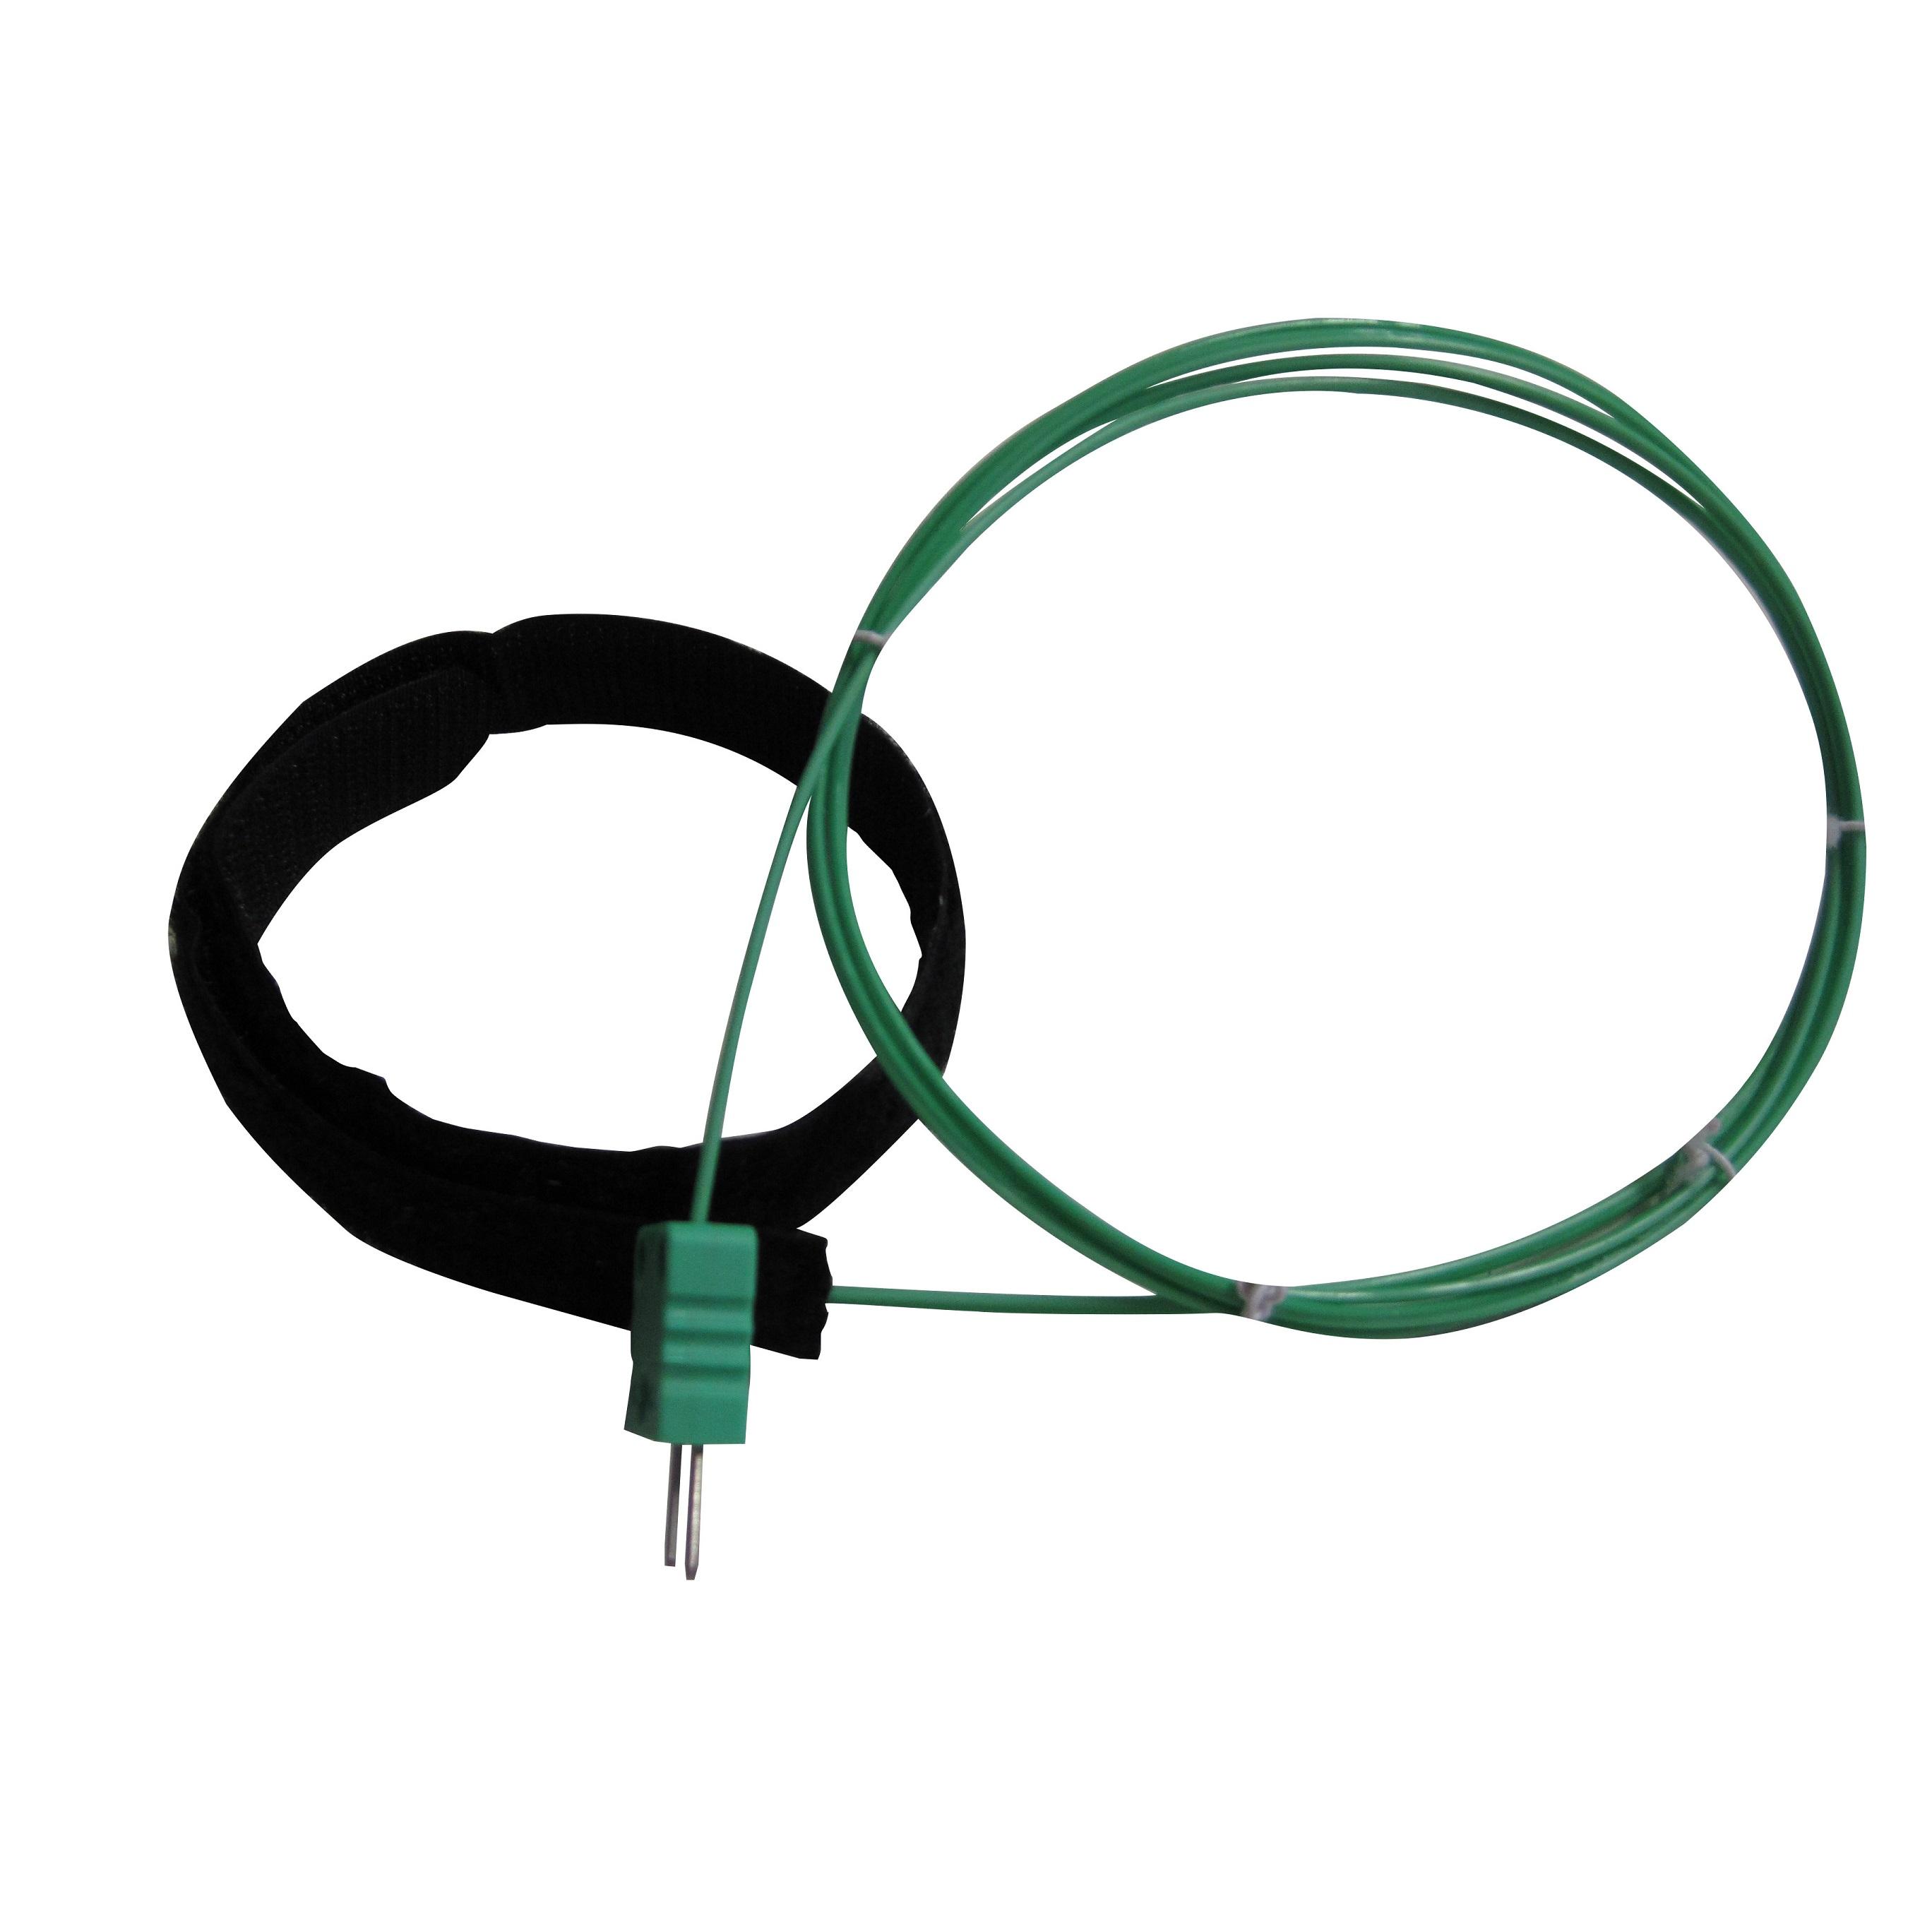 Capteurs Pt100 Capteur Thermique 2 Km Pvc Cable Pt 100 Capteur De Temperature Sonde Sultengterkini Com